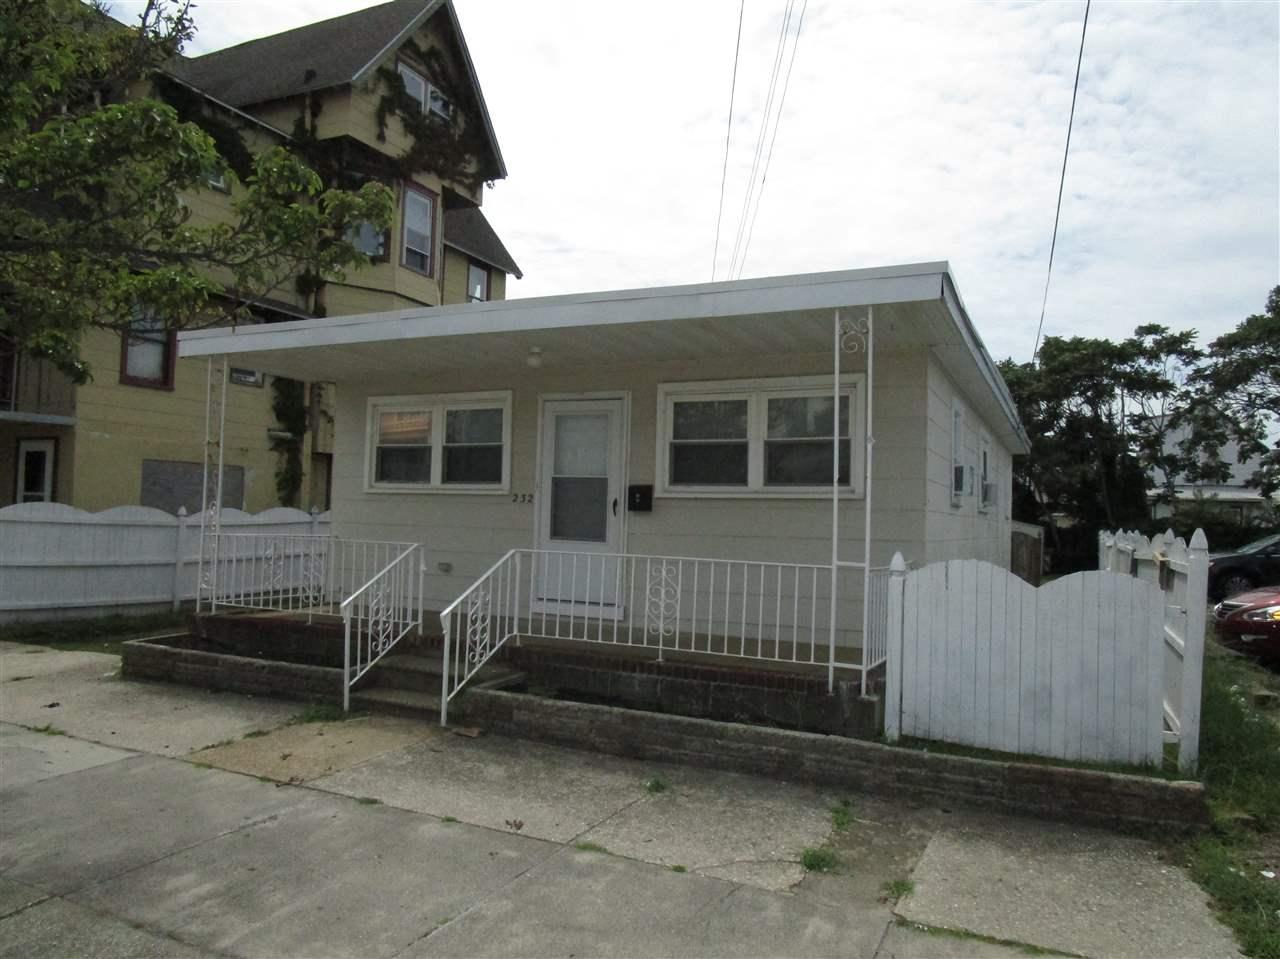 232 E Lincoln, Wildwood, NJ 08260